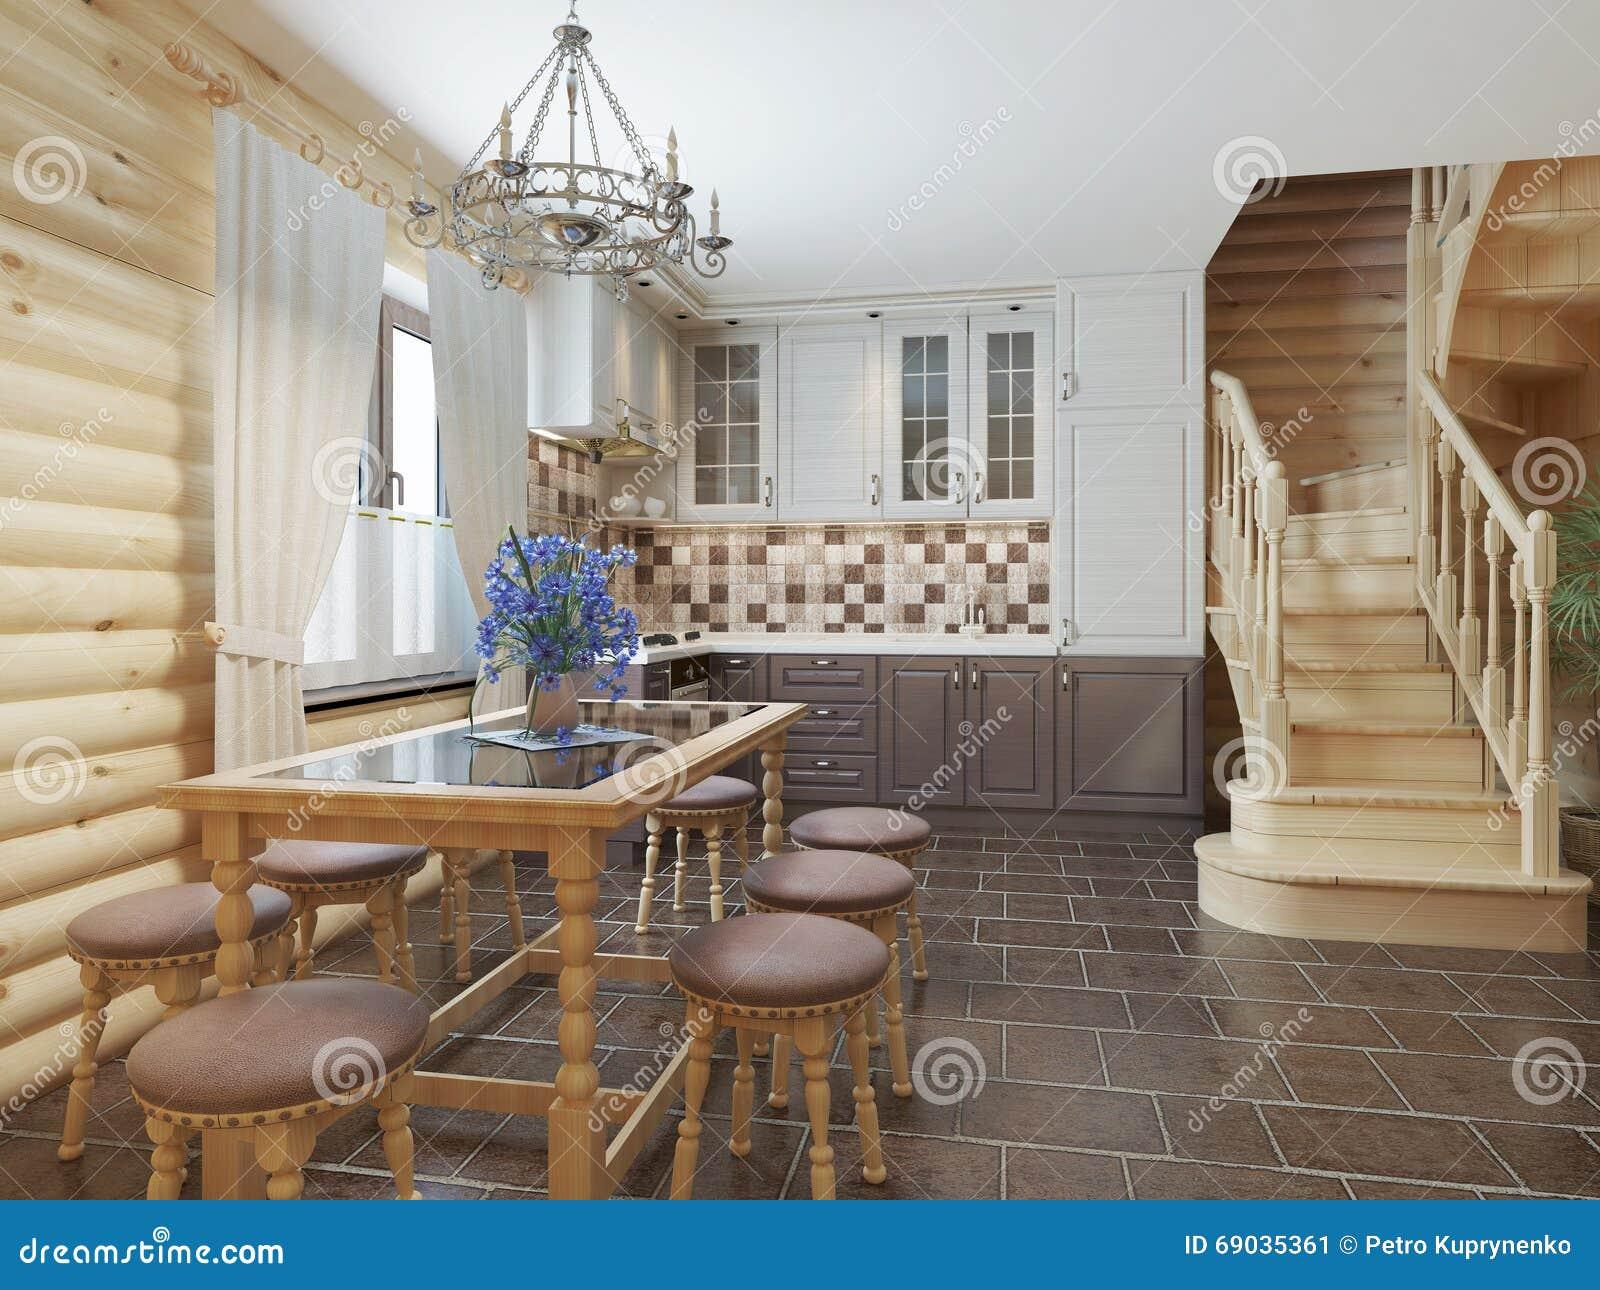 Cucina E Area Pranzante In Una Scala Interna Del Ceppo Al Secon ...